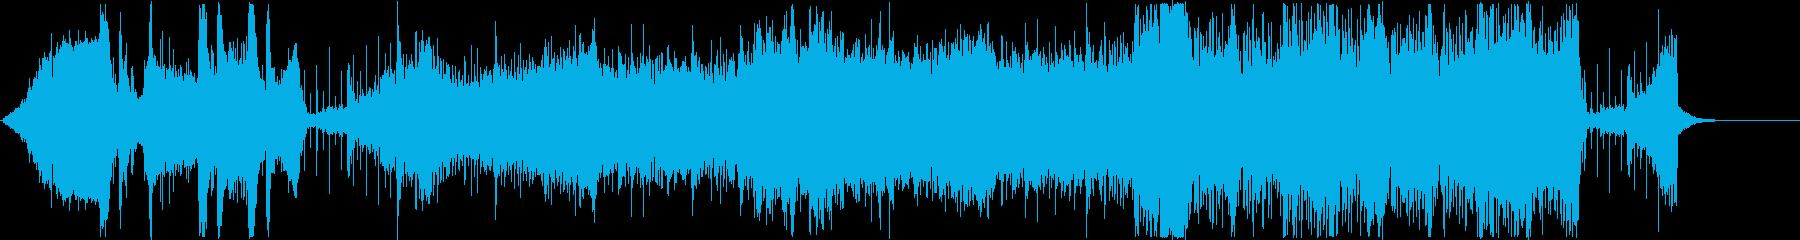 クールで疾走感のあるテクスチャ系BGMの再生済みの波形